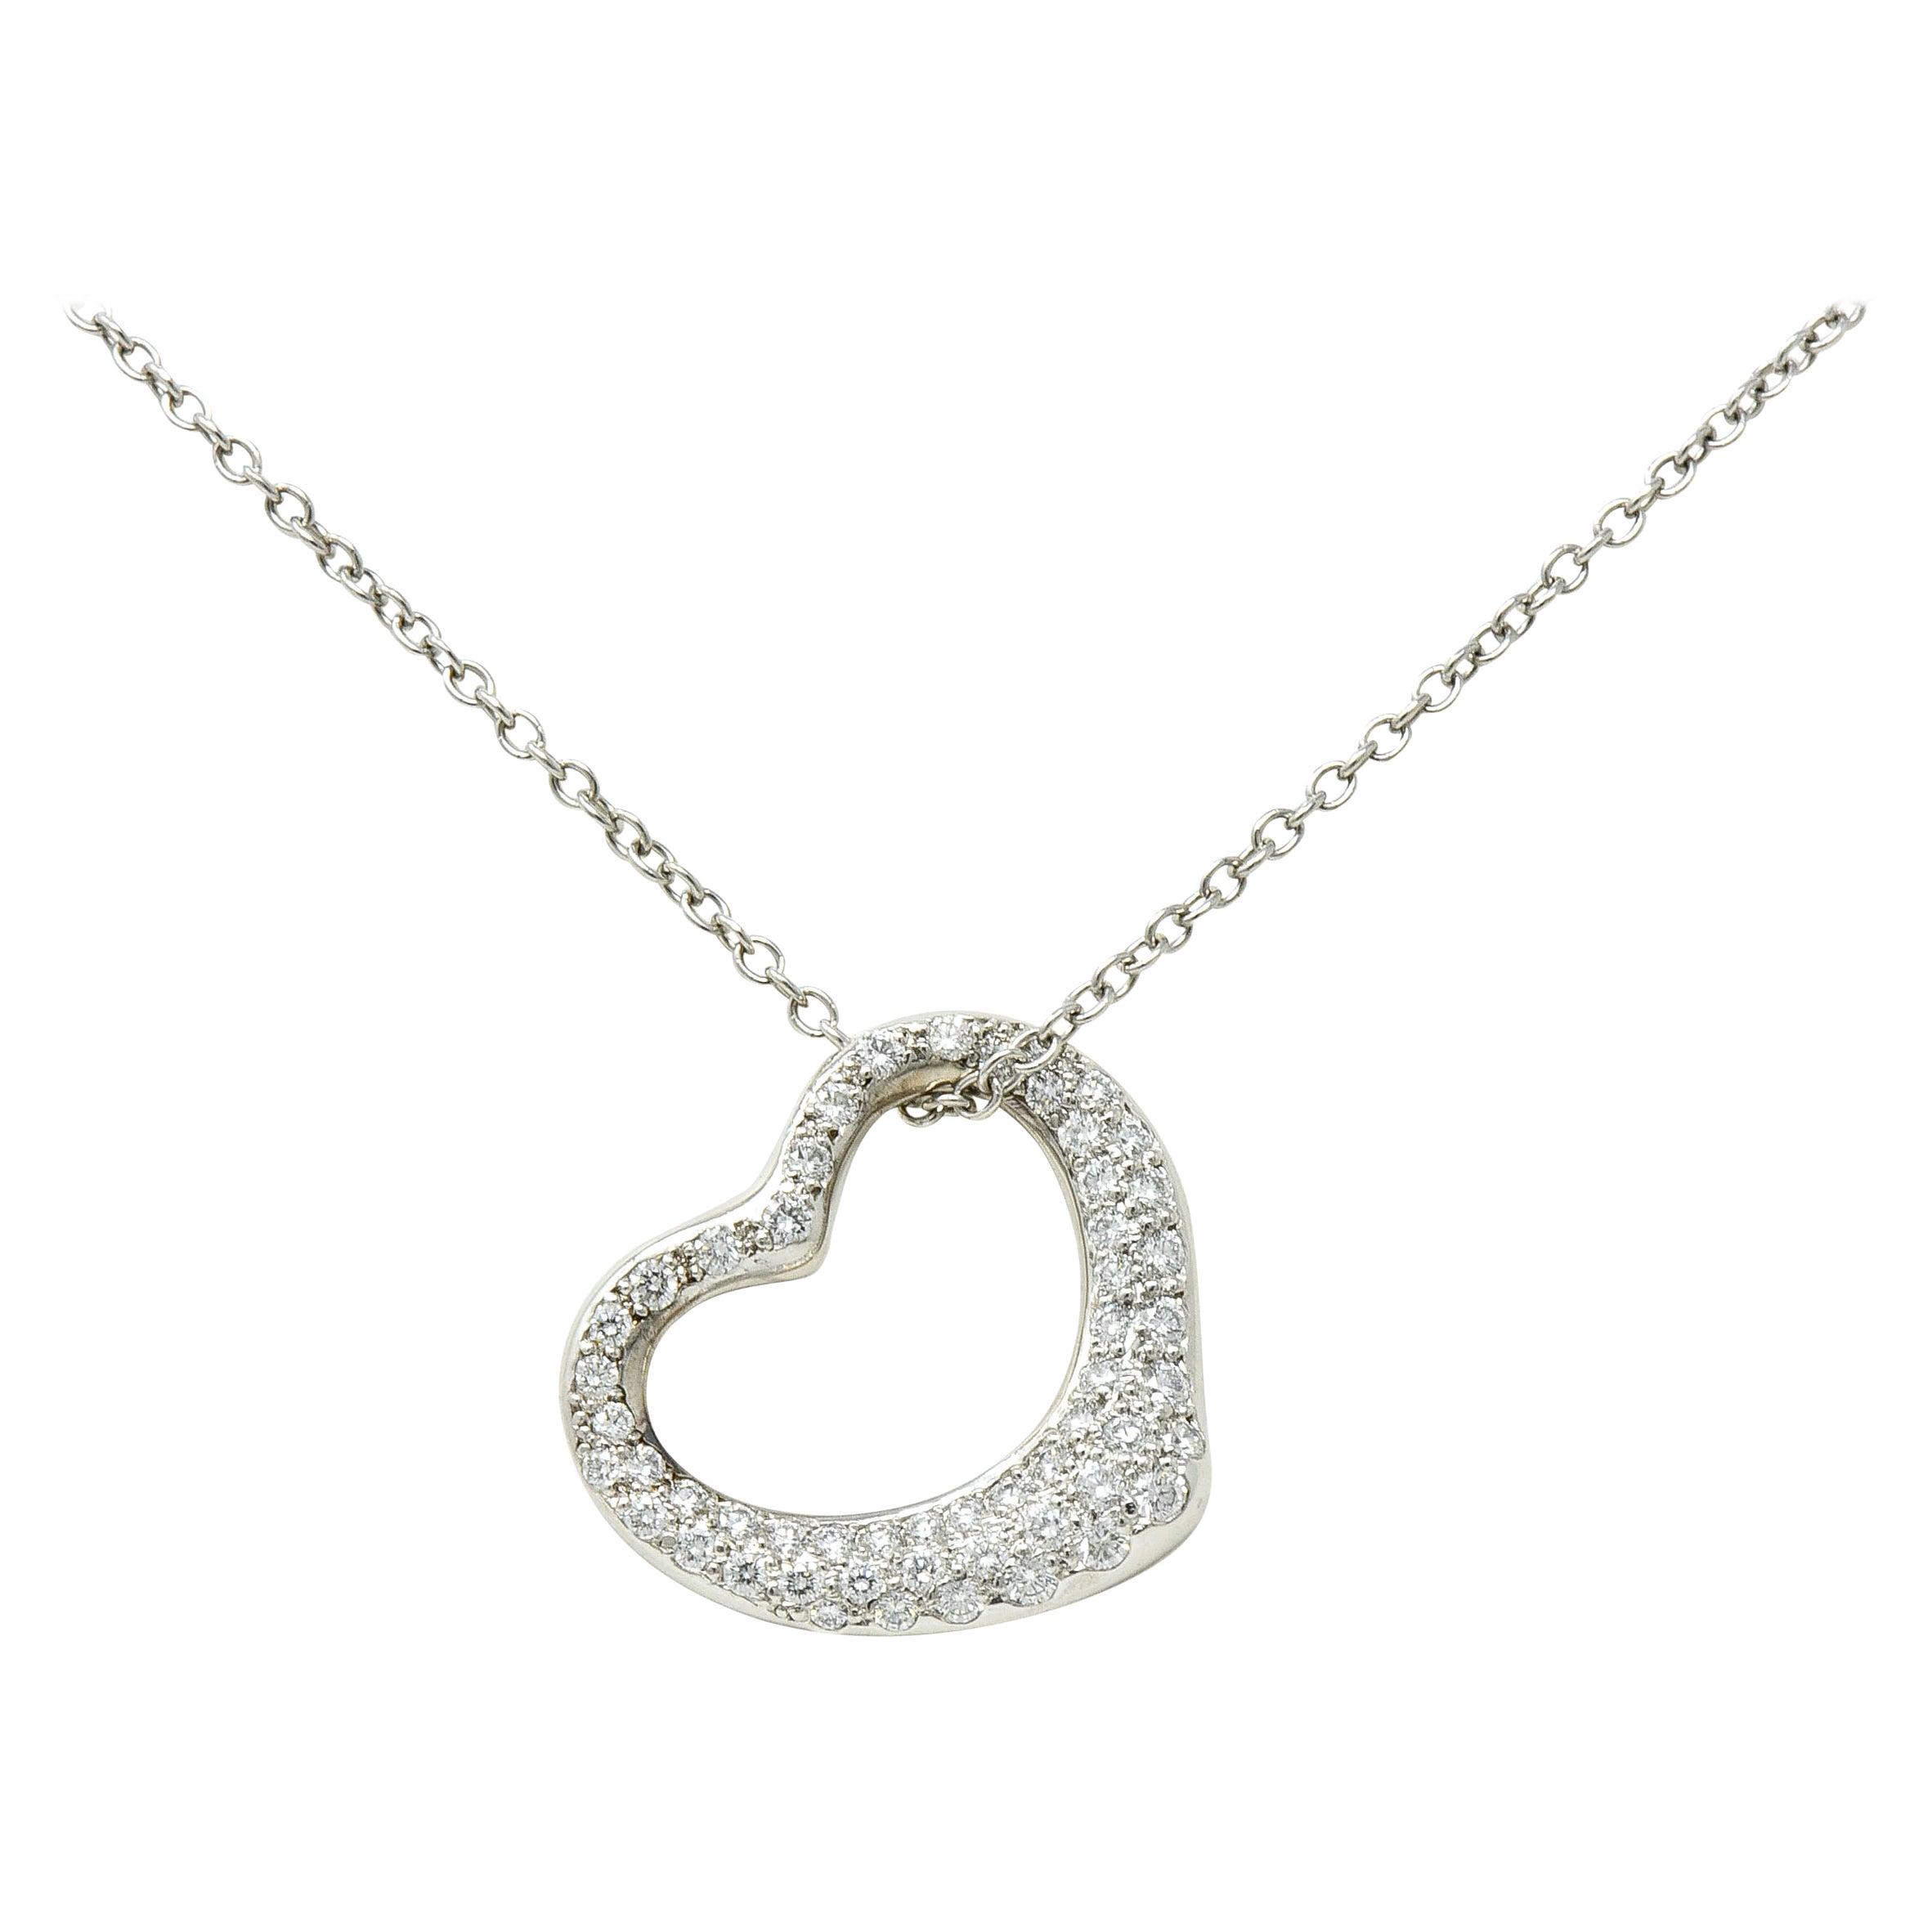 Elsa Peretti Tiffany & Co. Diamond Platinum Open Heart Pendant Necklace